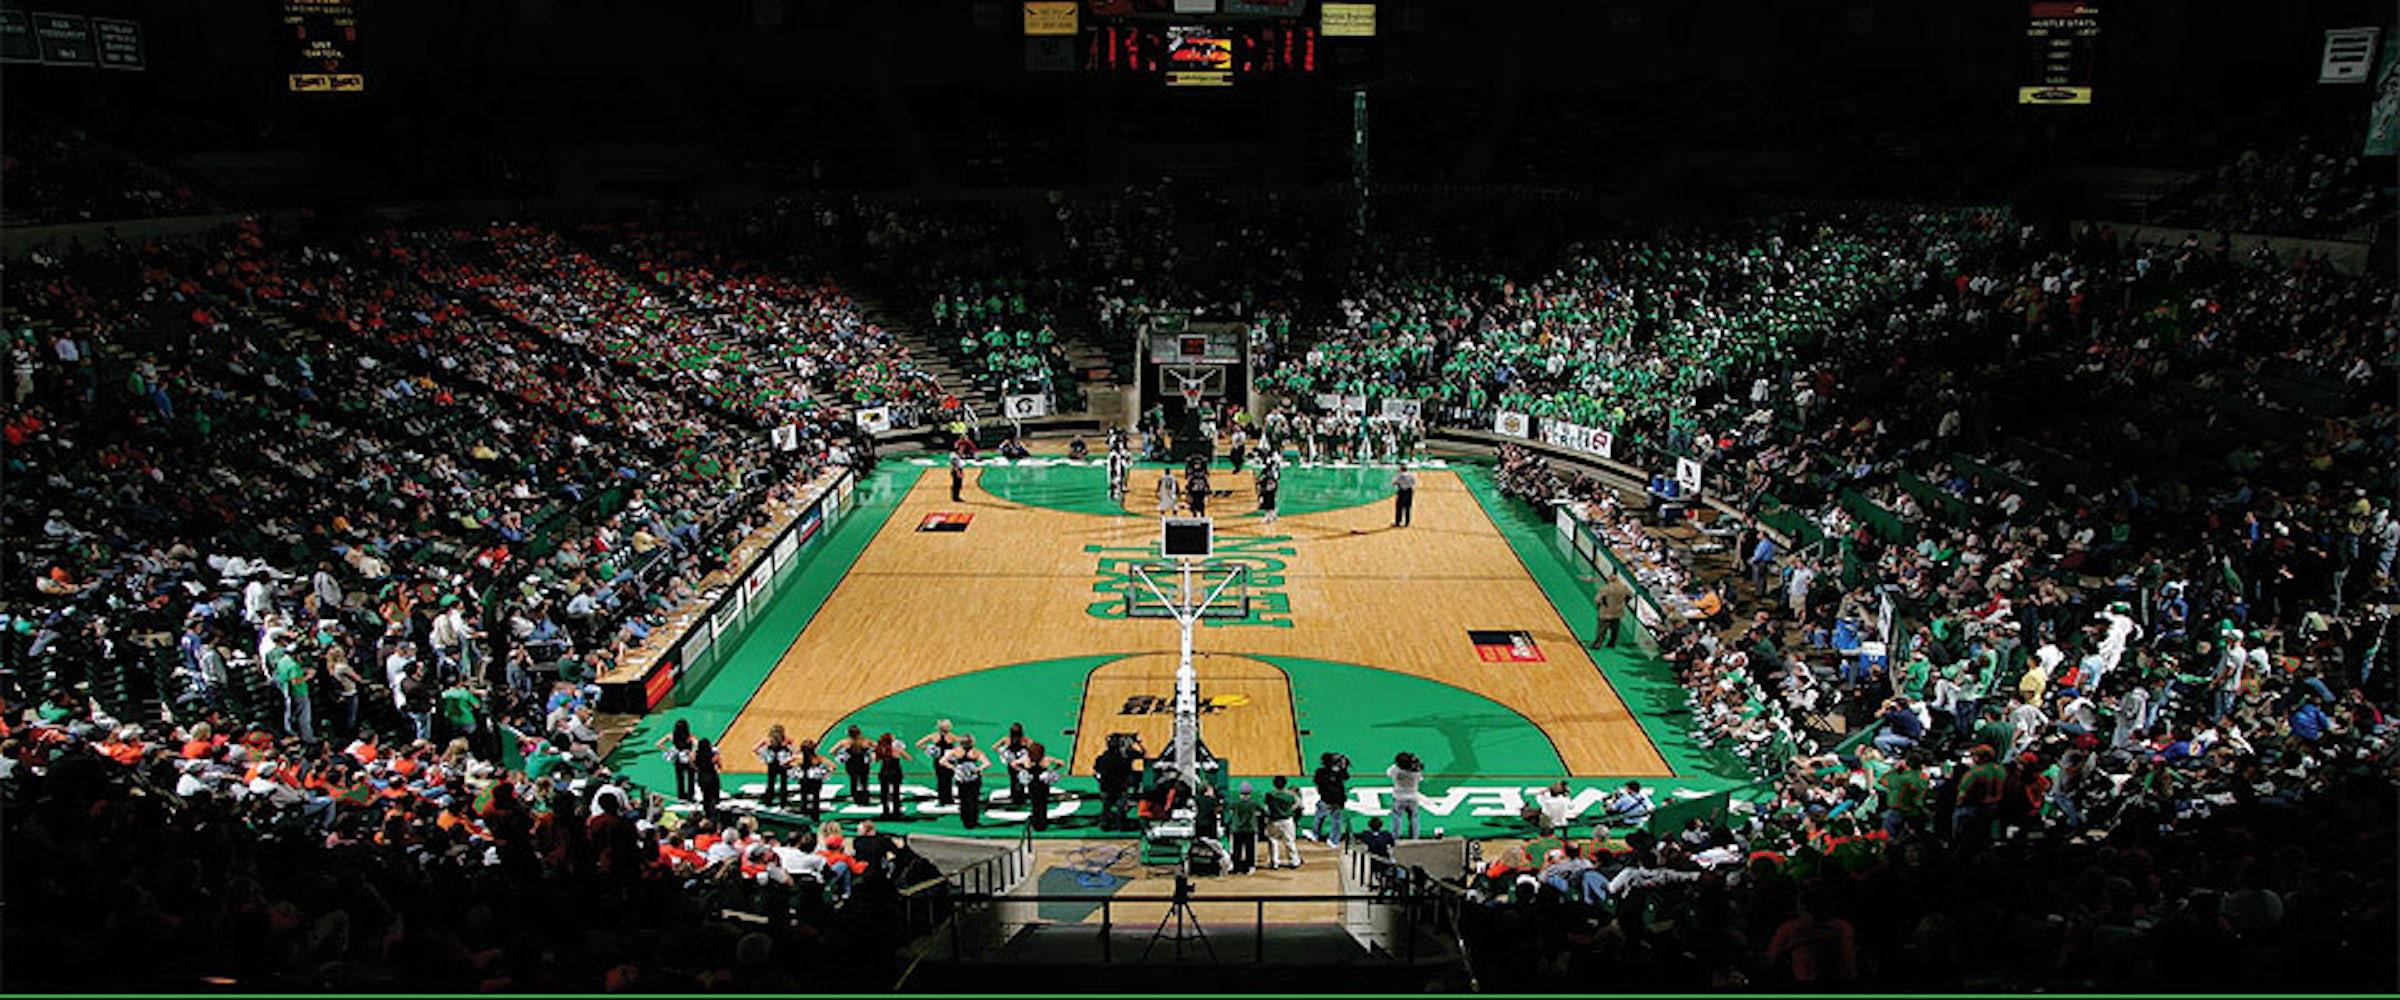 UNT - North Texas Coliseum